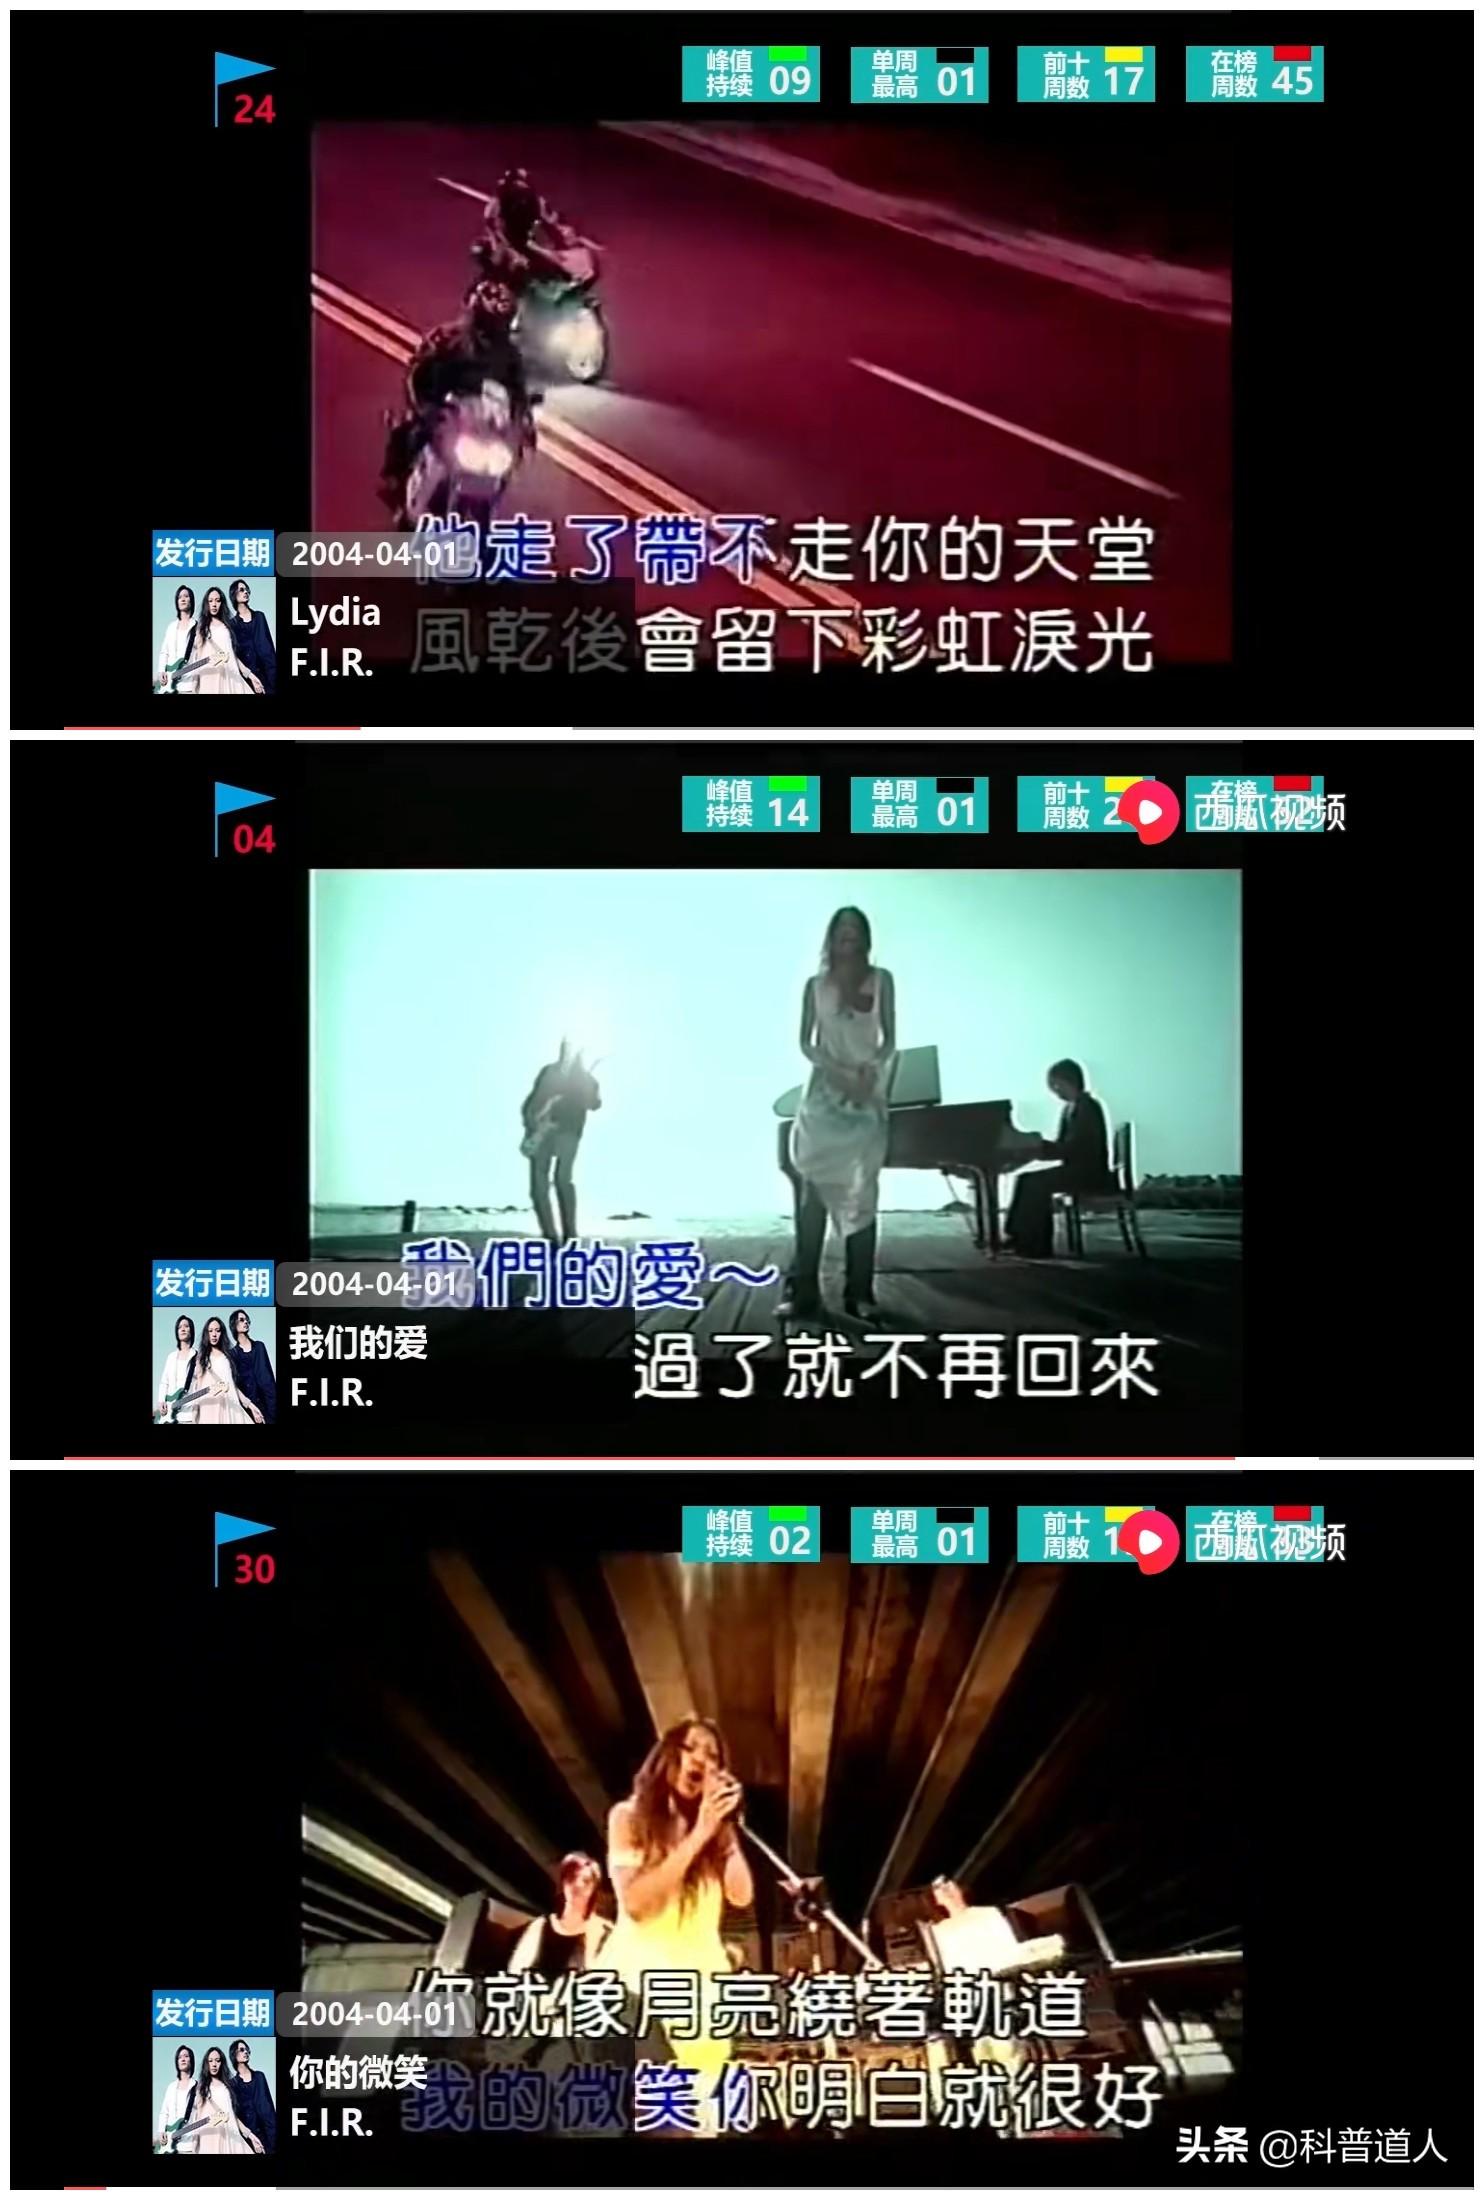 04年华语乐坛神仙打架,看看80、90网友评论区里的回忆杀